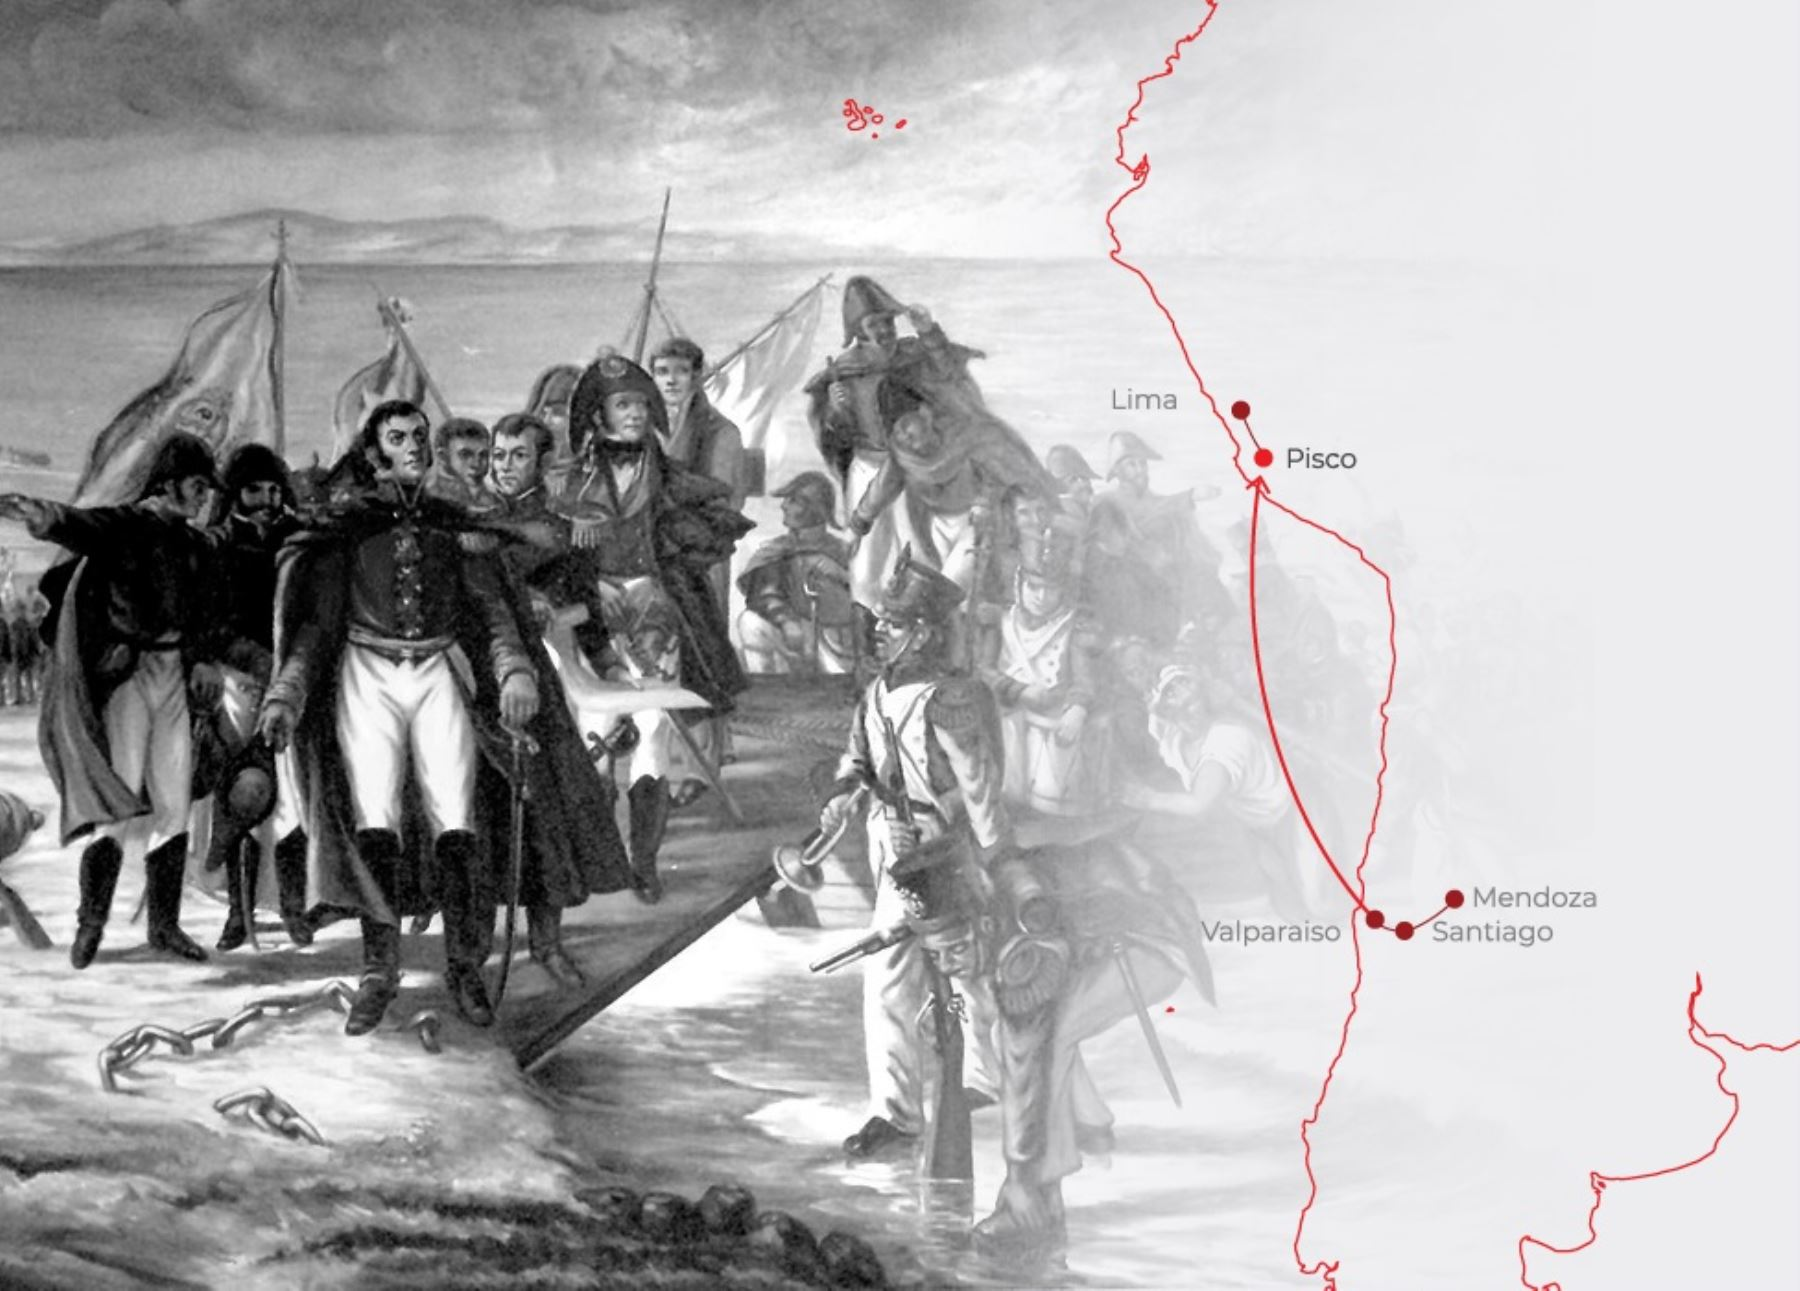 Con una ceremonia especial el Perú conmemora hoy 200 años del histórico desembarco del general José de San Martín y la Expedición Libertadora en la bahía de Paracas. ANDINA/Difusión